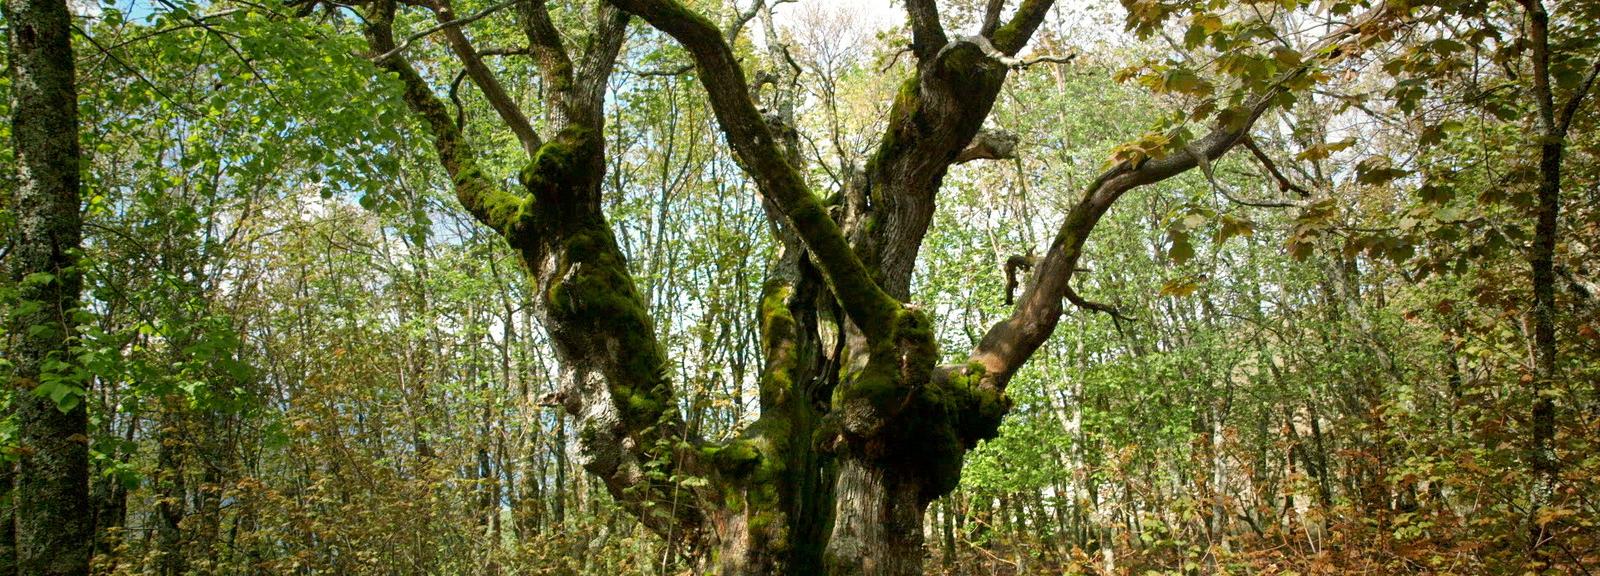 Le temps des forêts, de François-Xavier Drouet